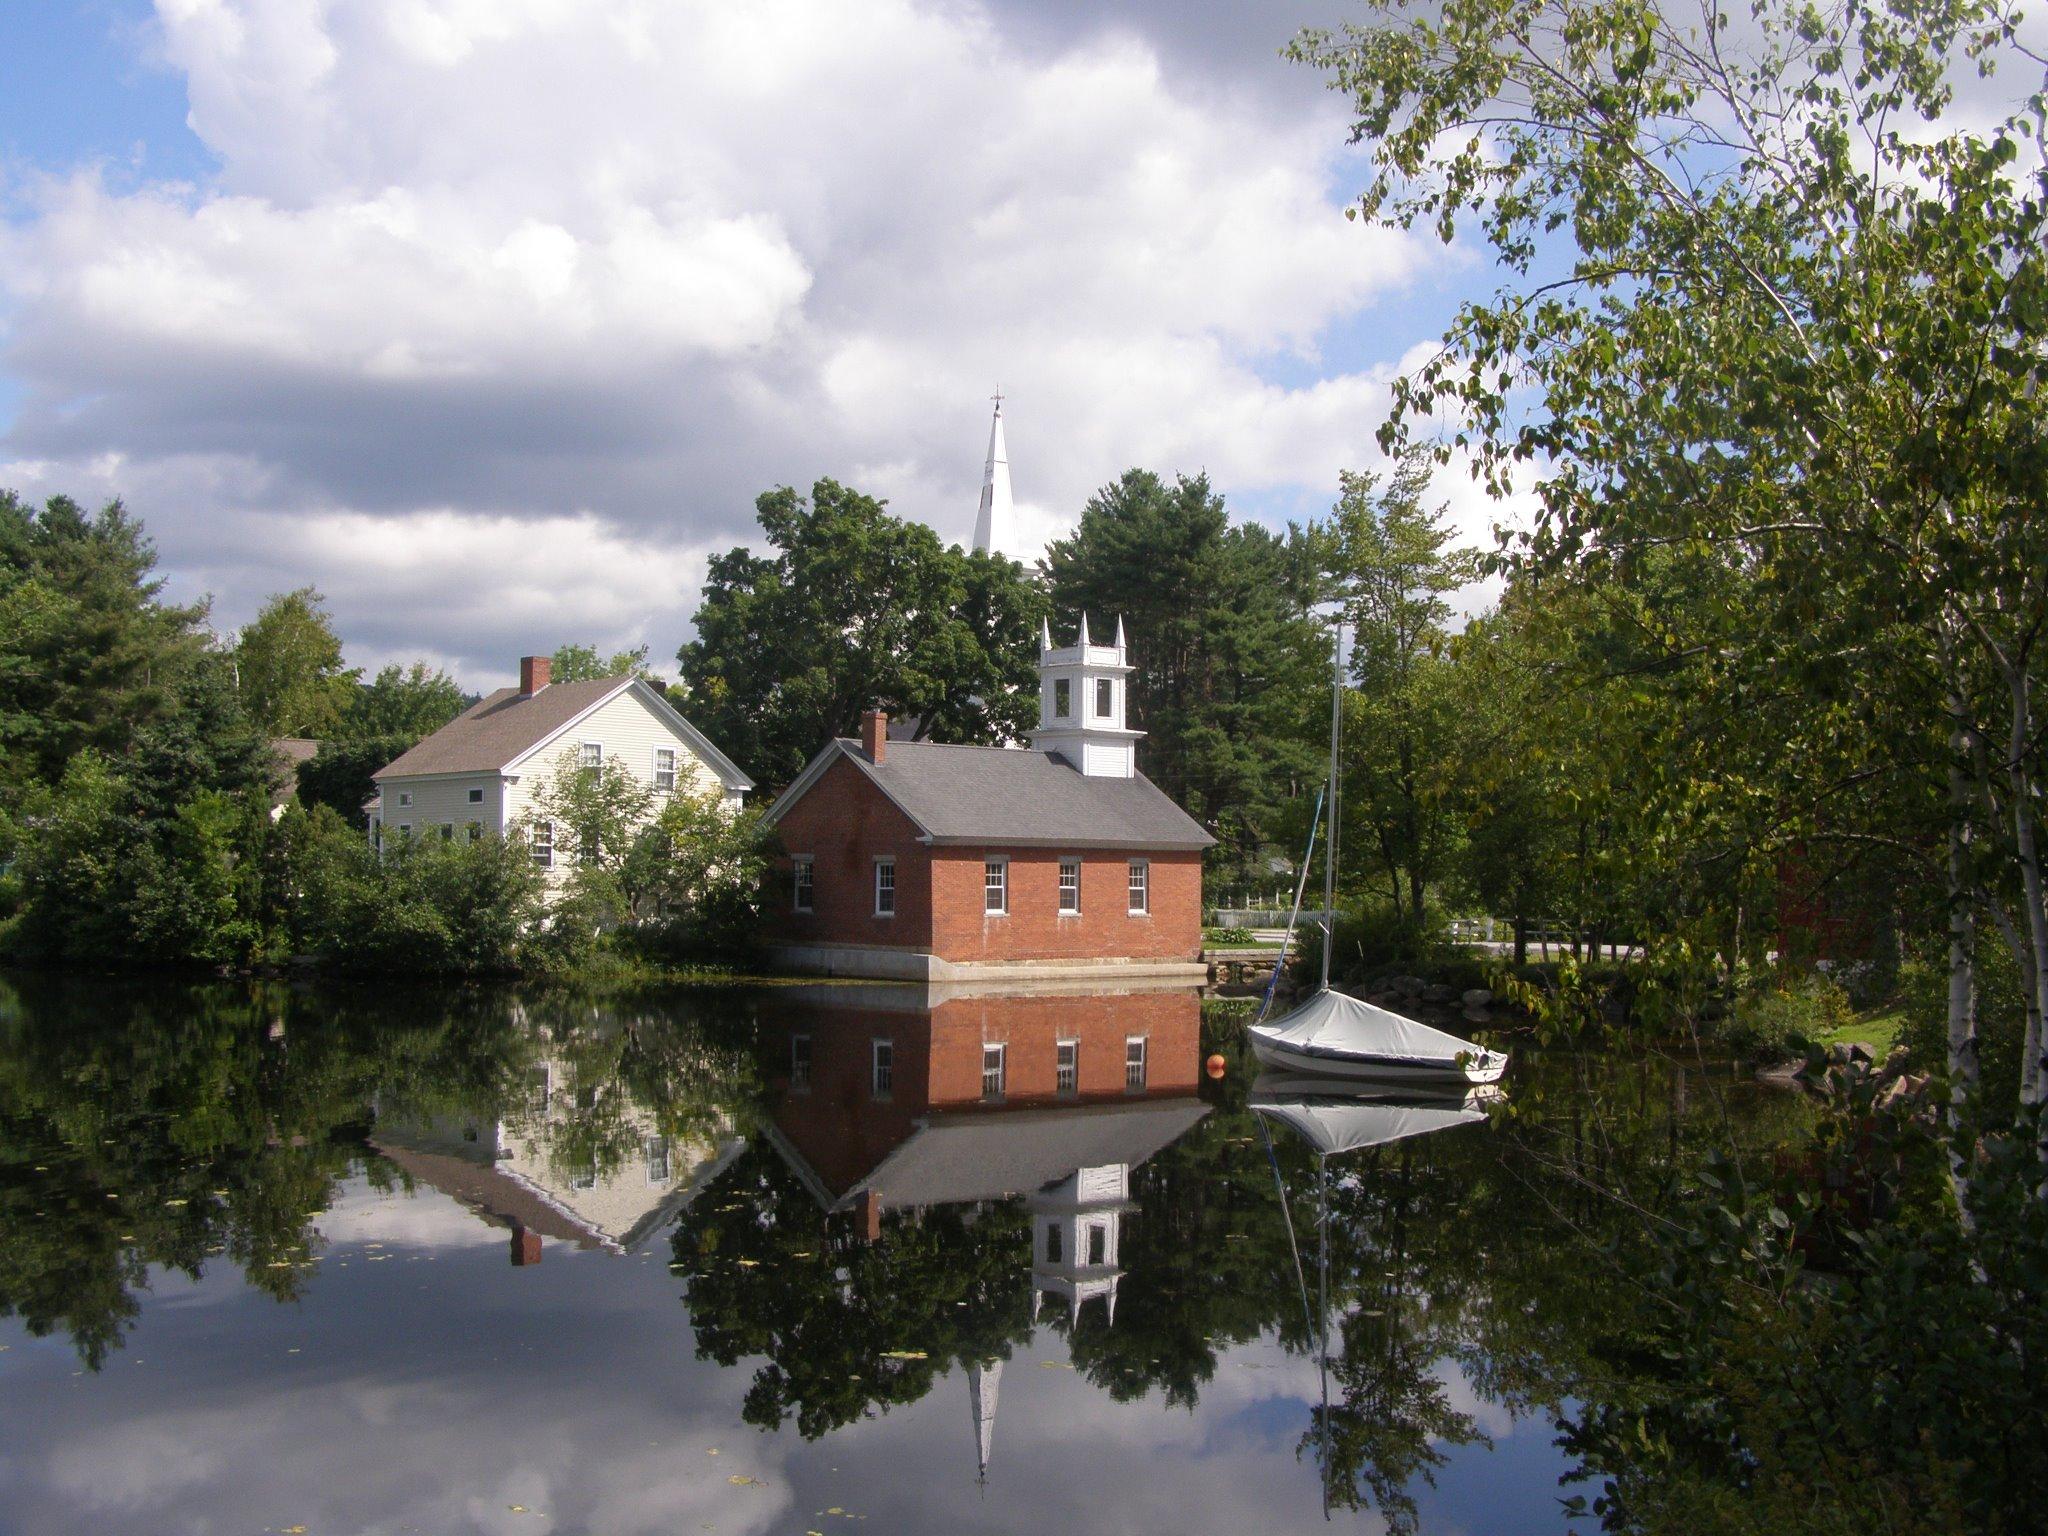 Town of Harrisville pond